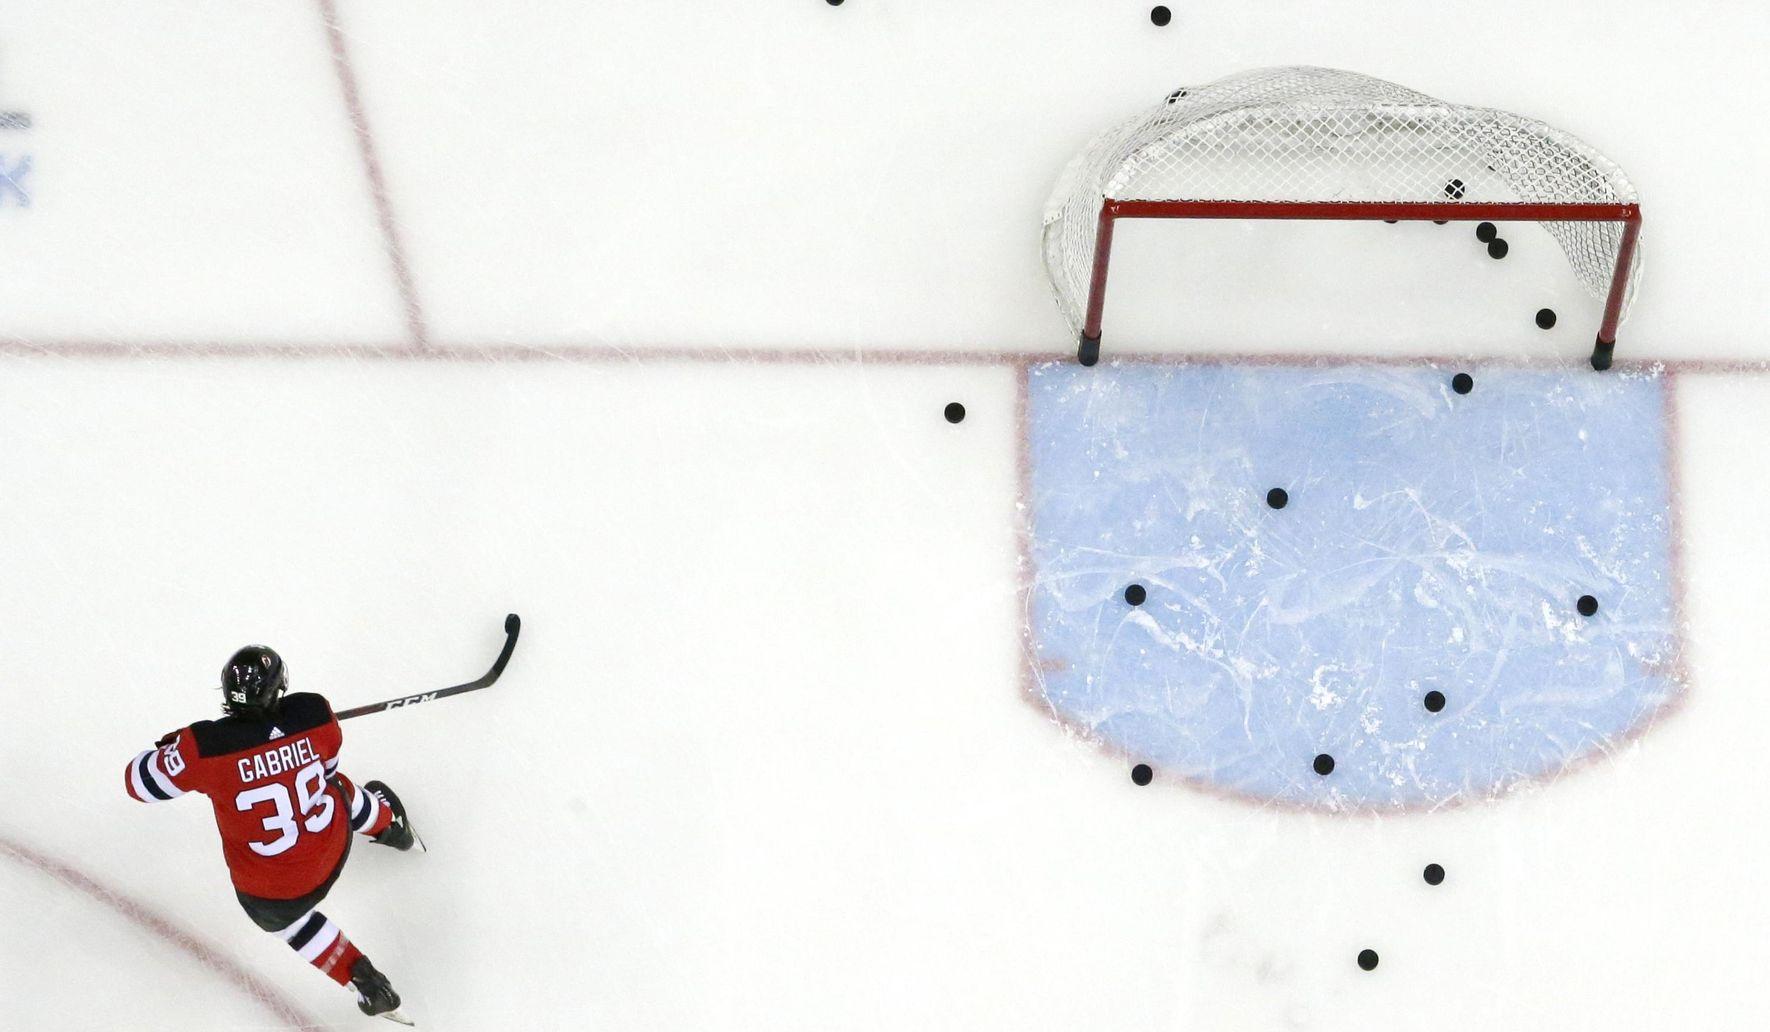 Devils_back_hockey_05057_c0-125-3000-1874_s1770x1032